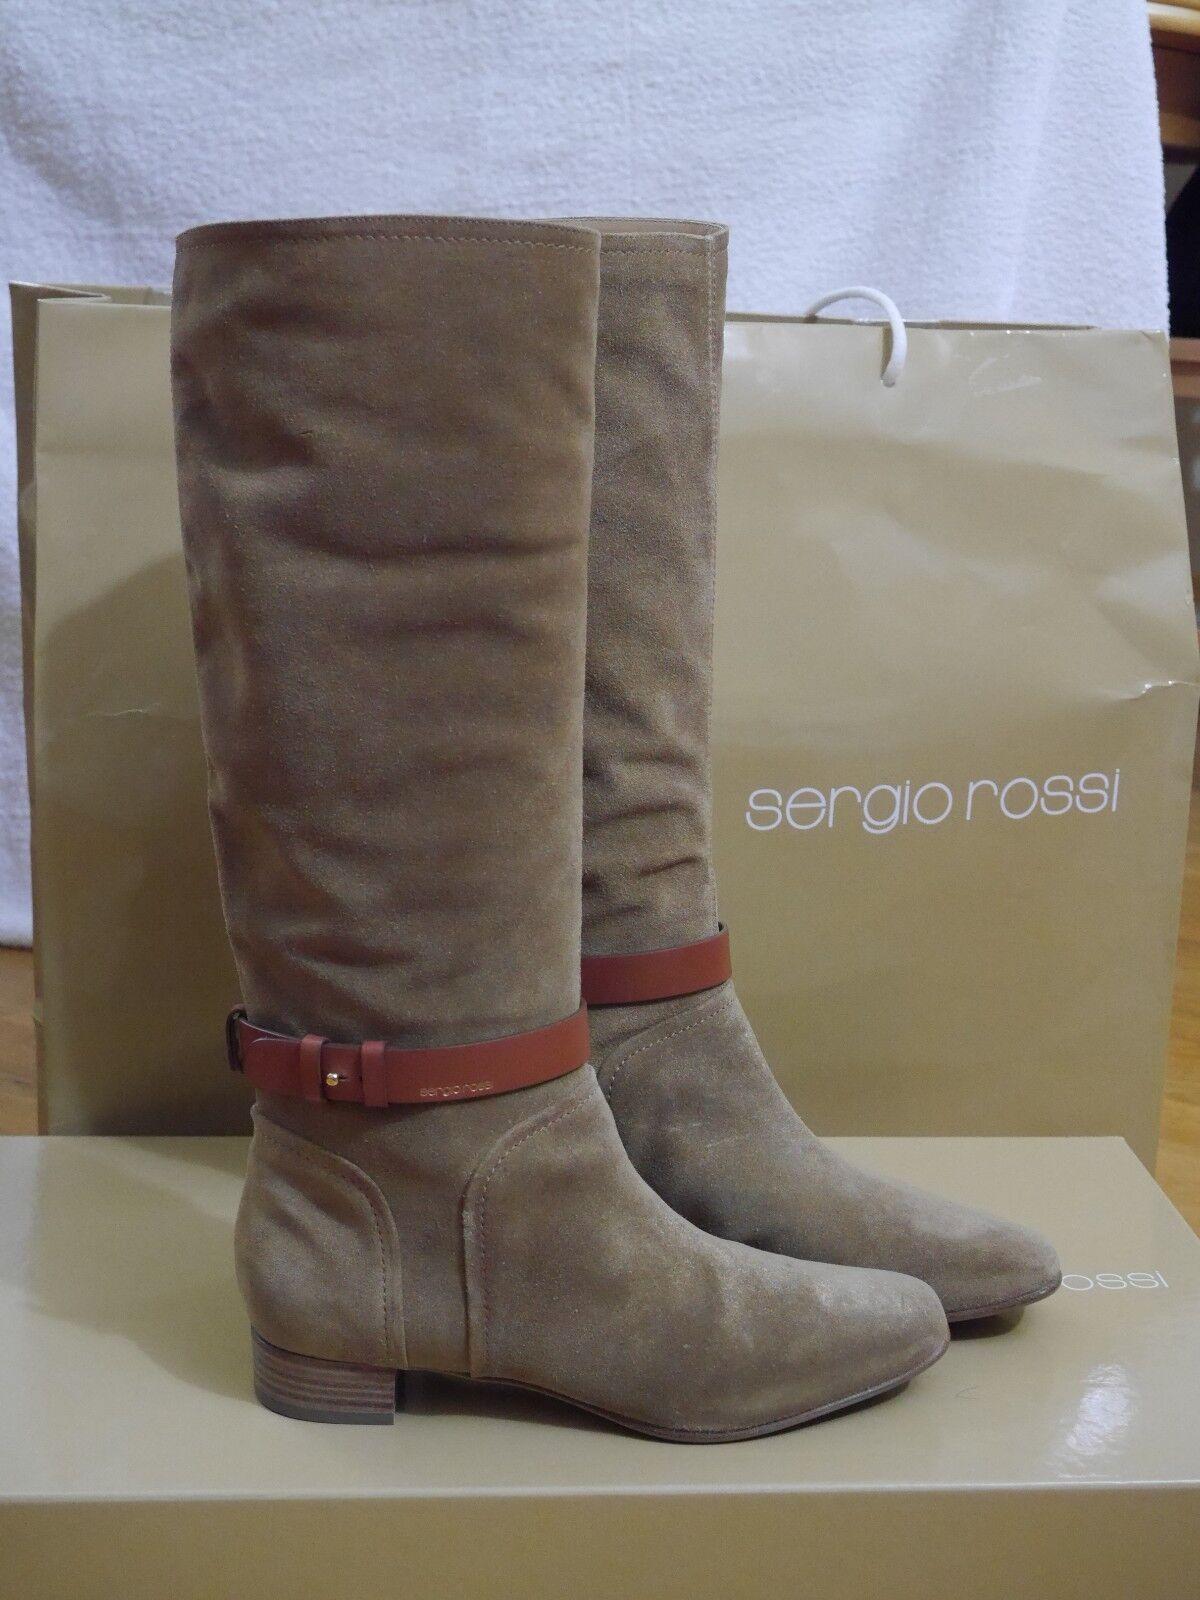 La Double Fuxi Neuf Rossi Acheter Marque Boots À De Sergio qHXwAZH